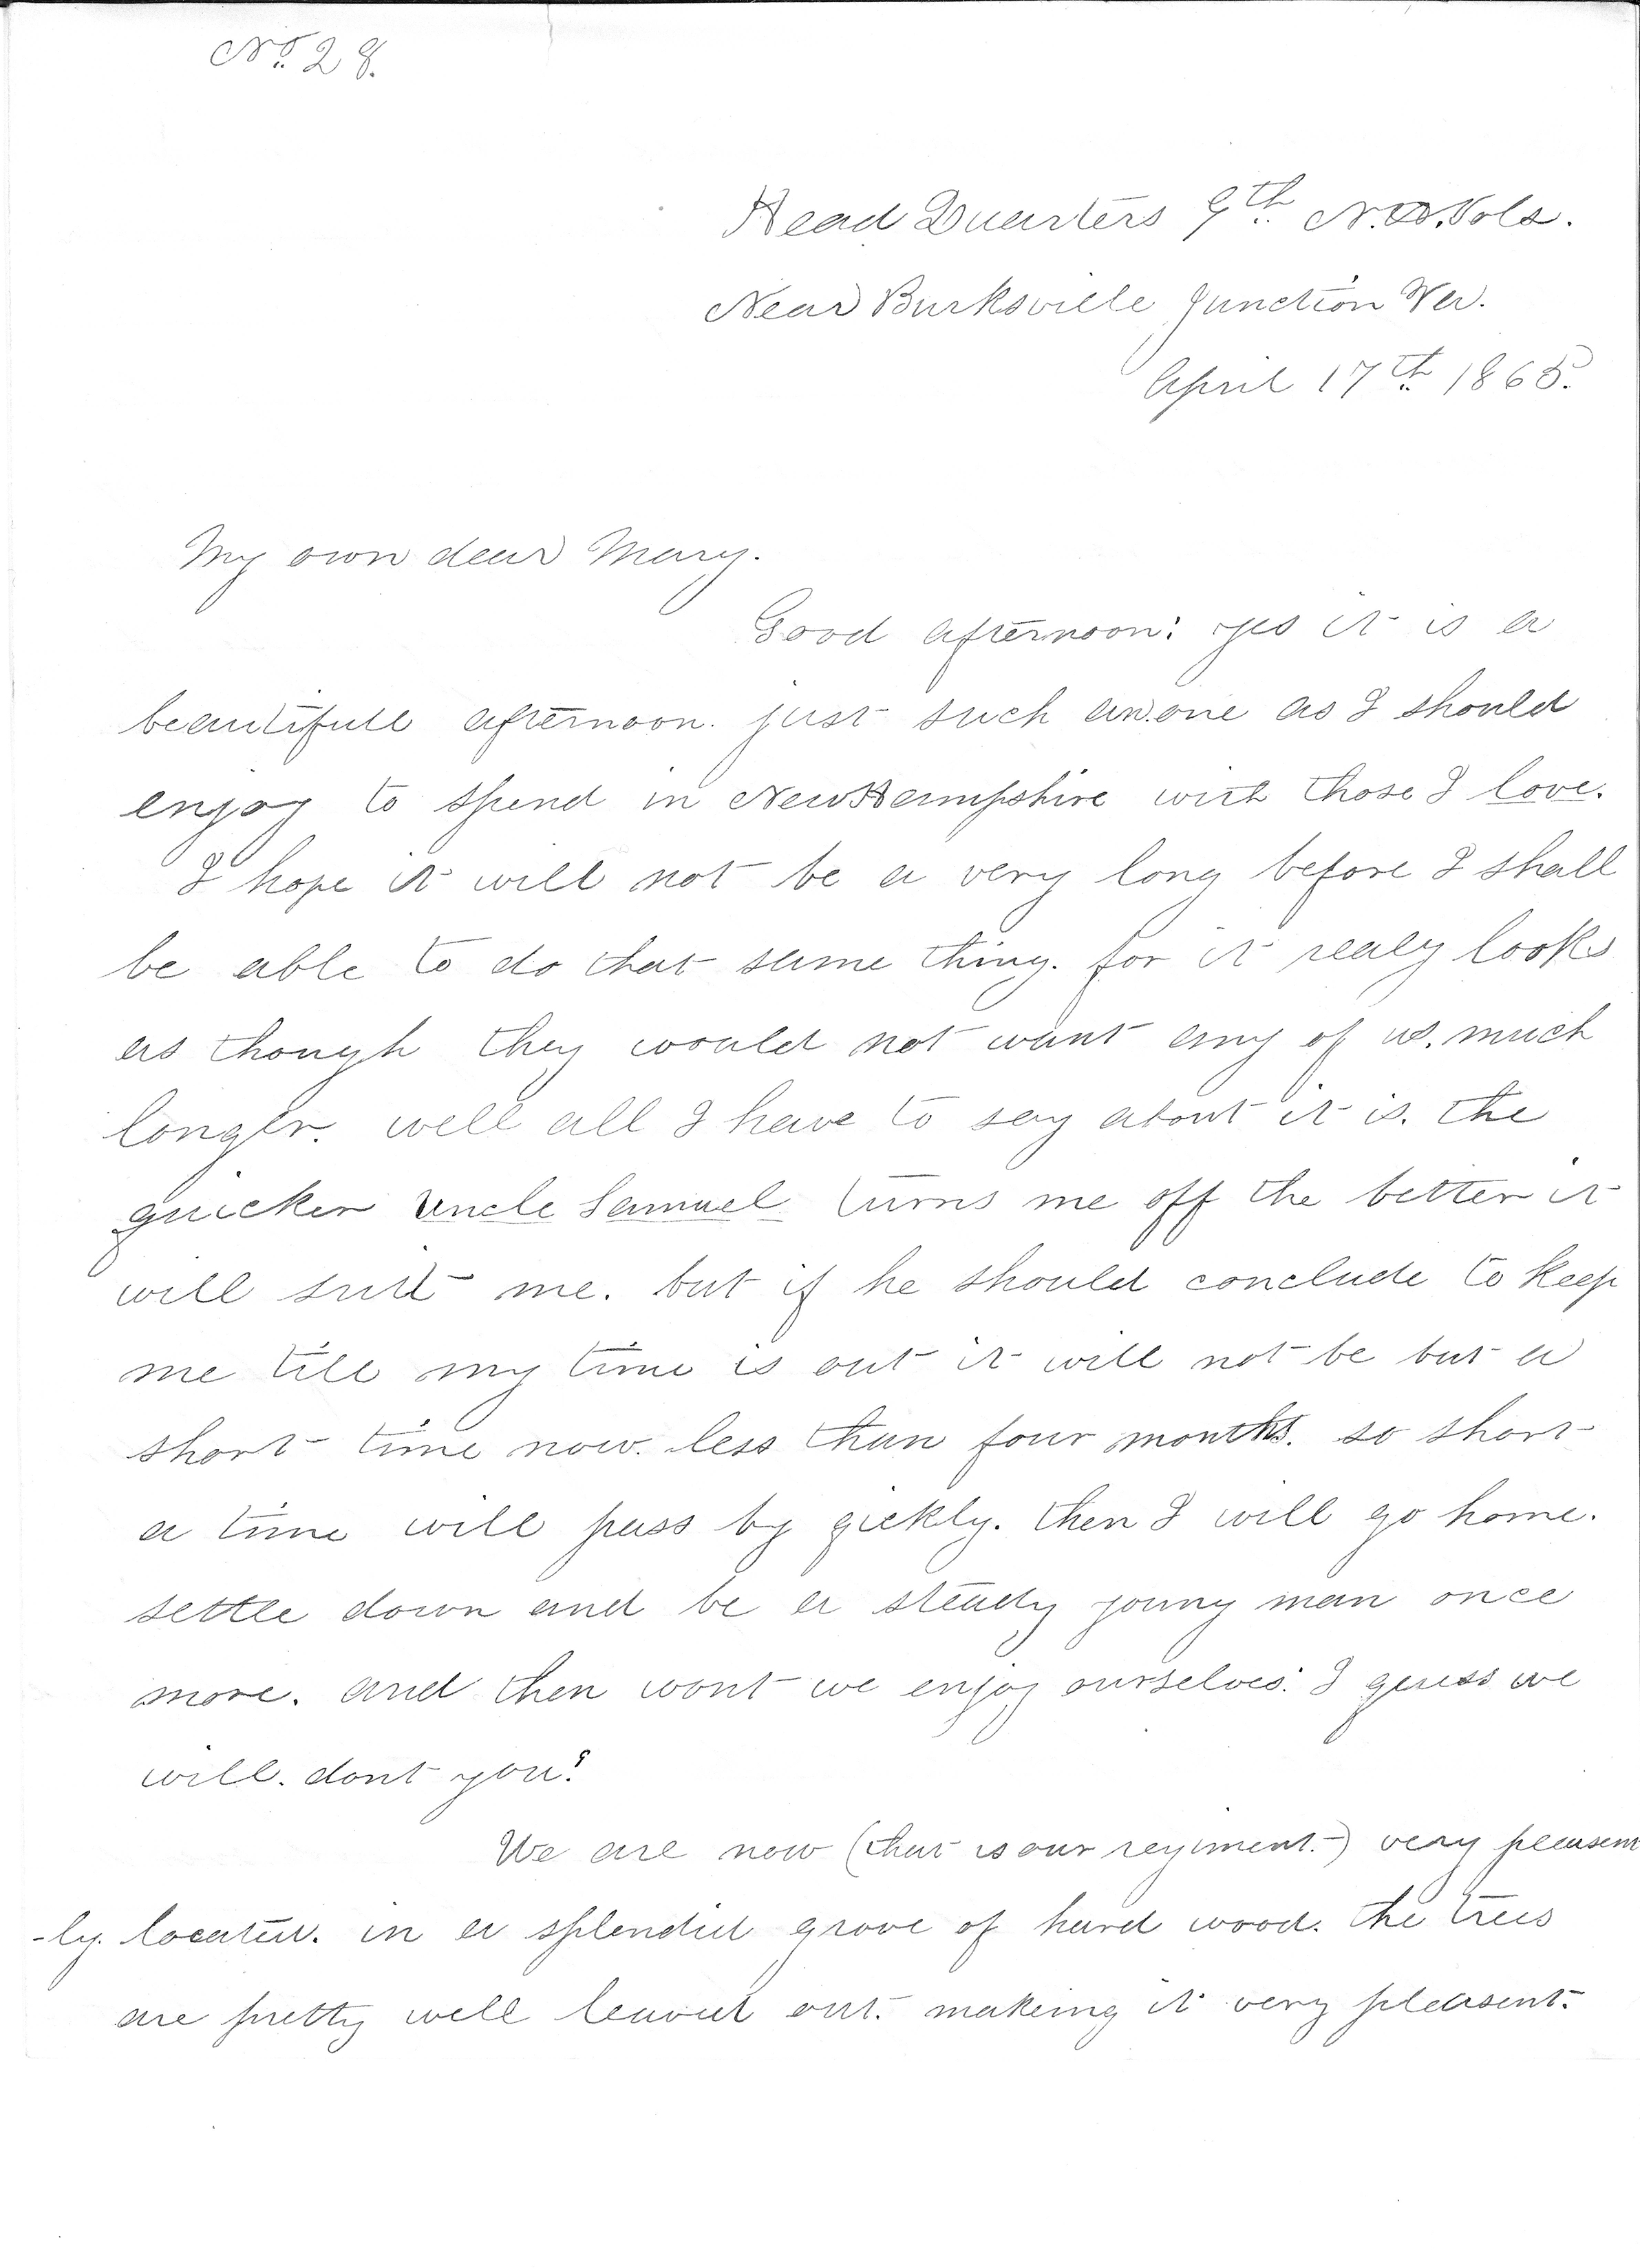 Letter – To Mary from John, Burkesville Junction April 17 pt 1